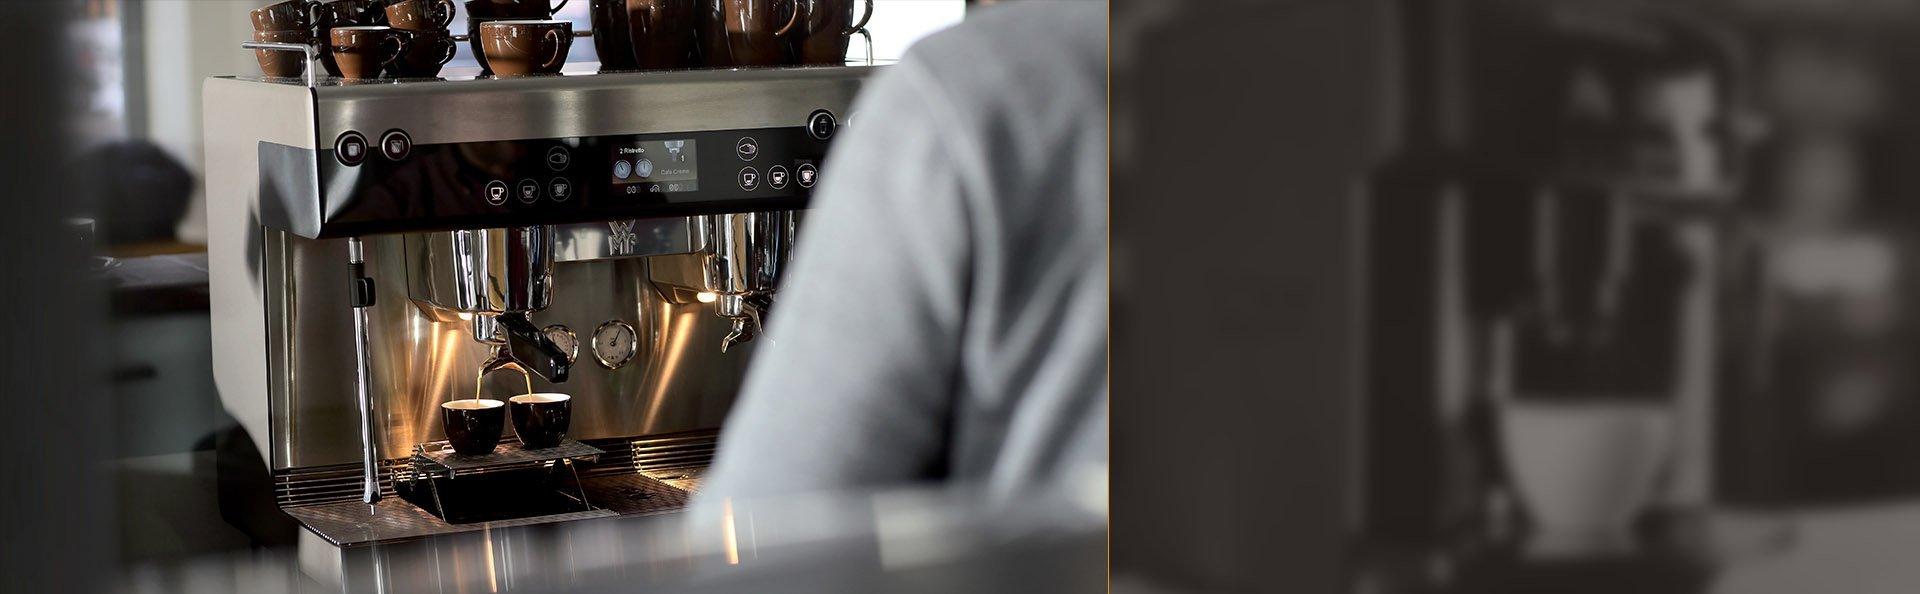 Automatische und halbautomatische Kaffeemaschinen WMF - professionelle Ausrüstung für Cafés